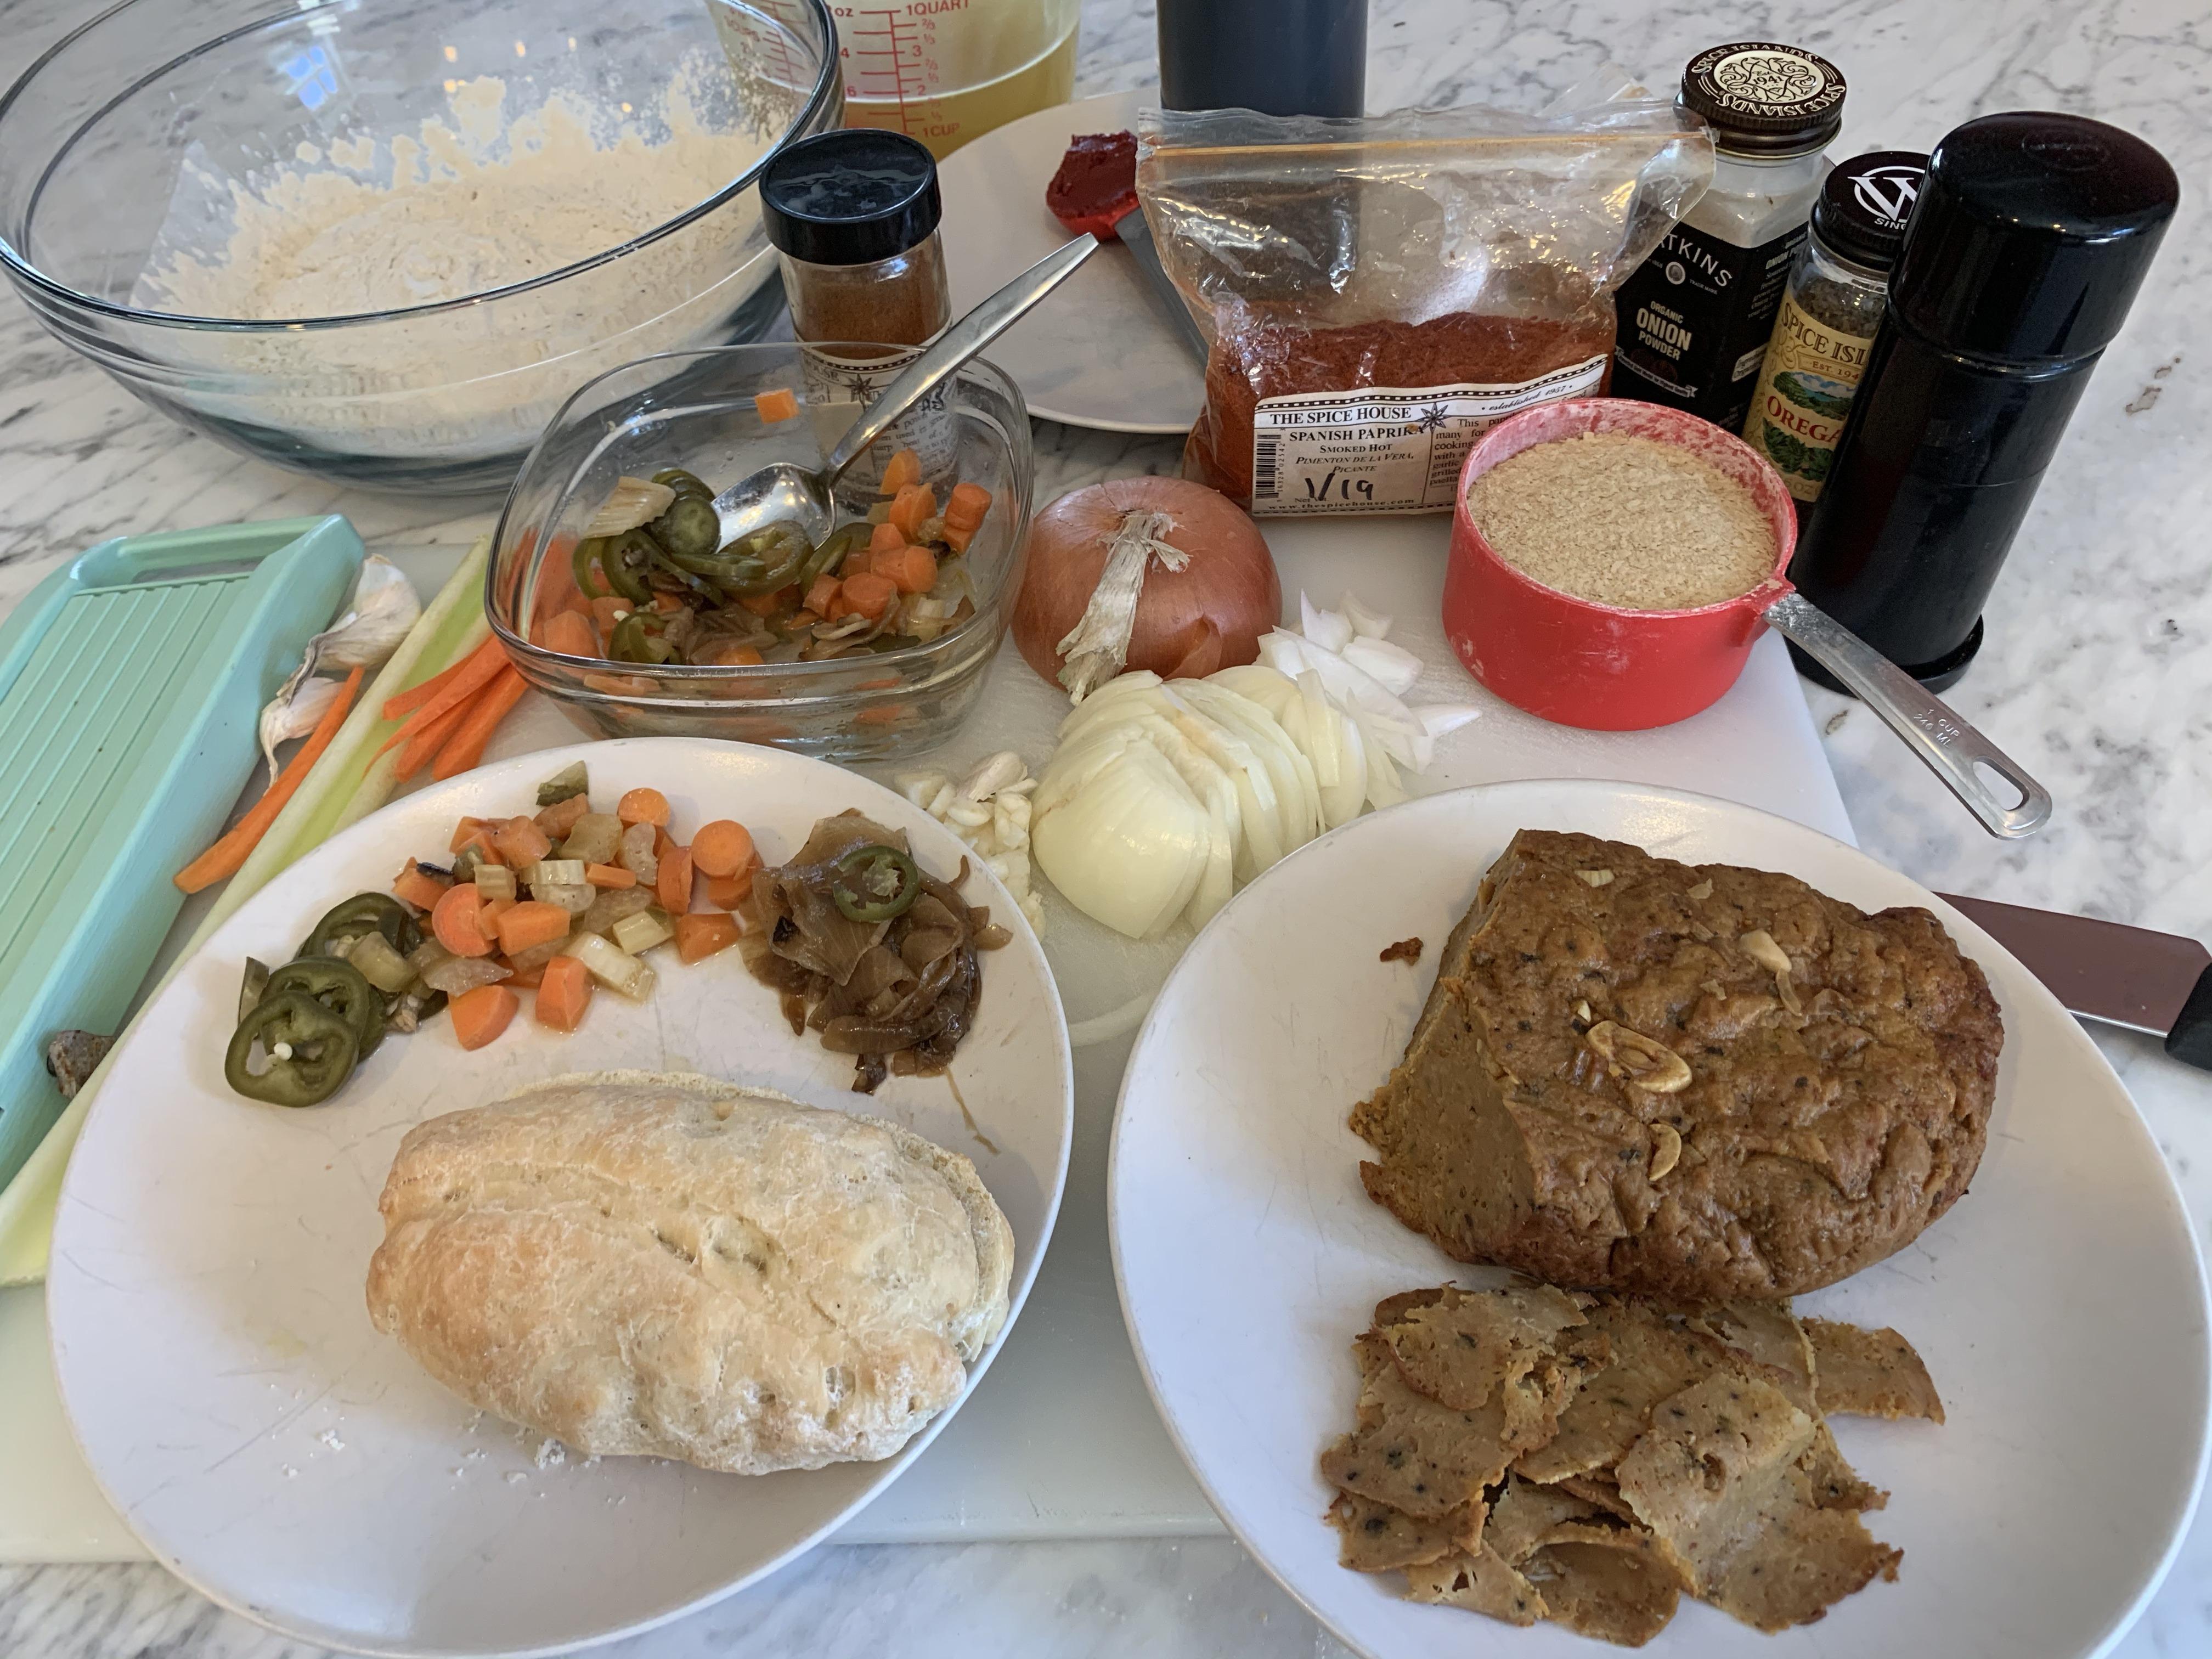 Italian Beef ingredients